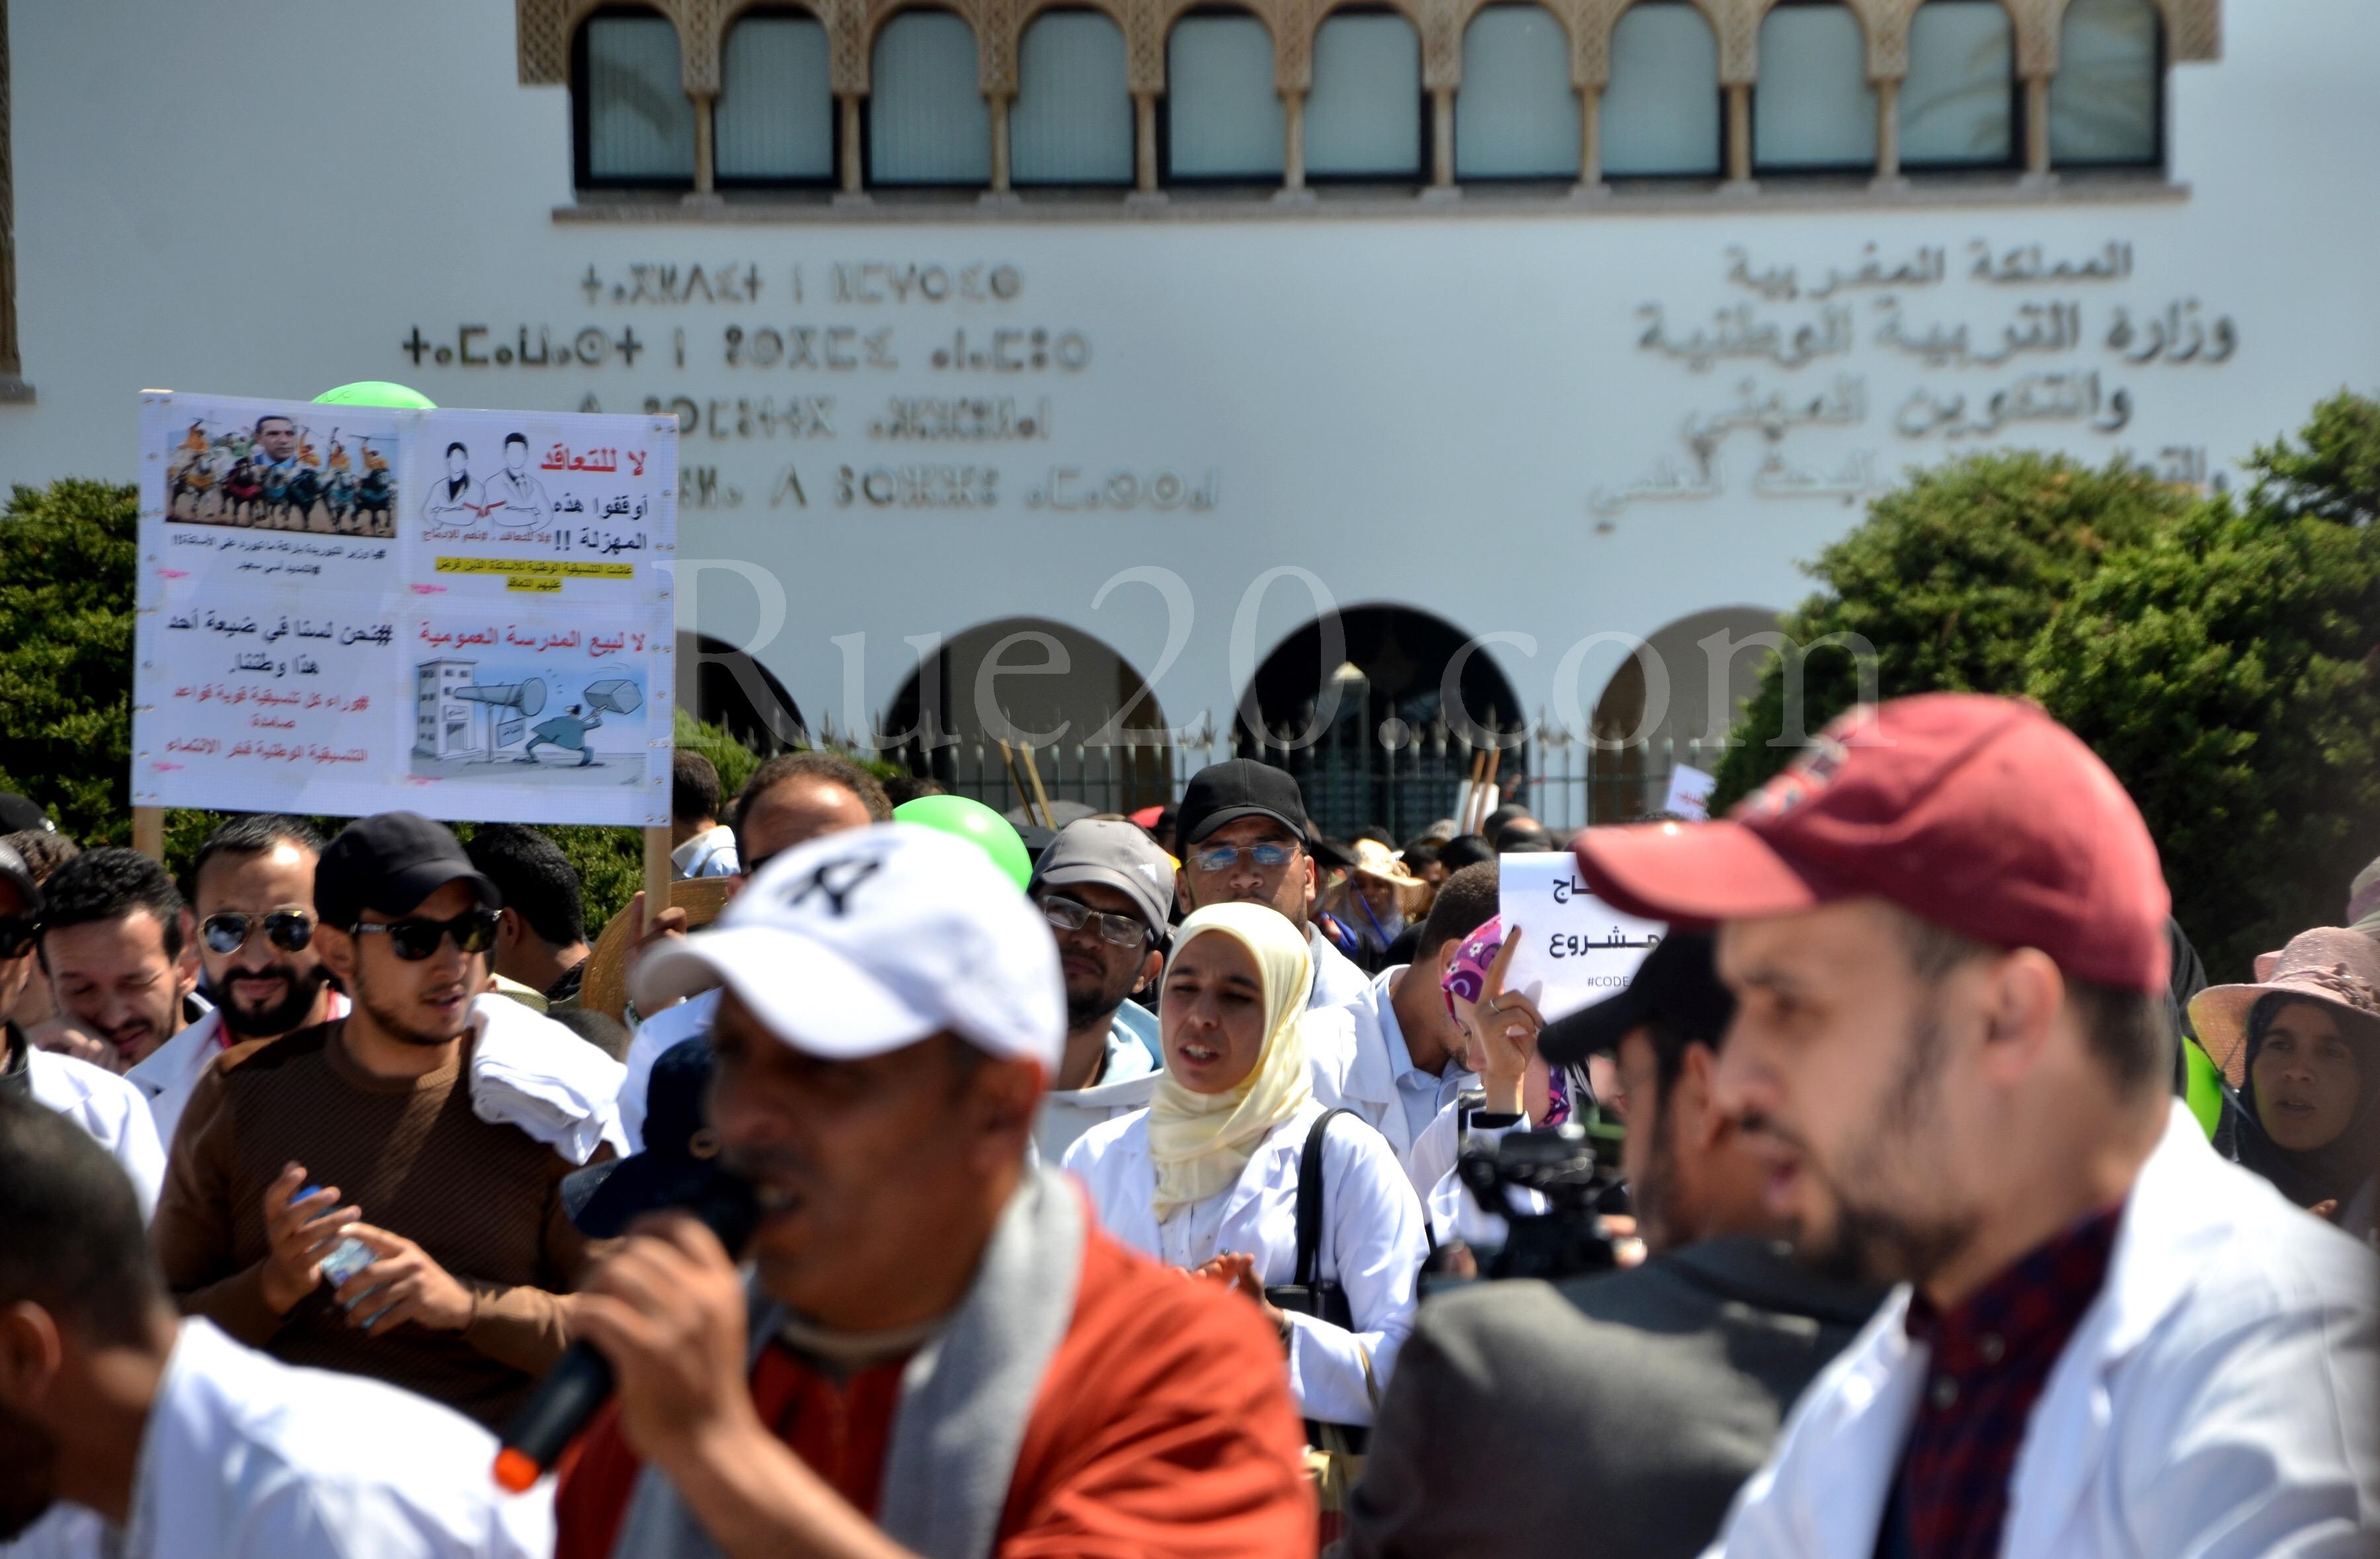 أساتذة التعليم العالي يخوضون إضراباً يشل الجامعات إحتجاجاً على صمم أمزازي